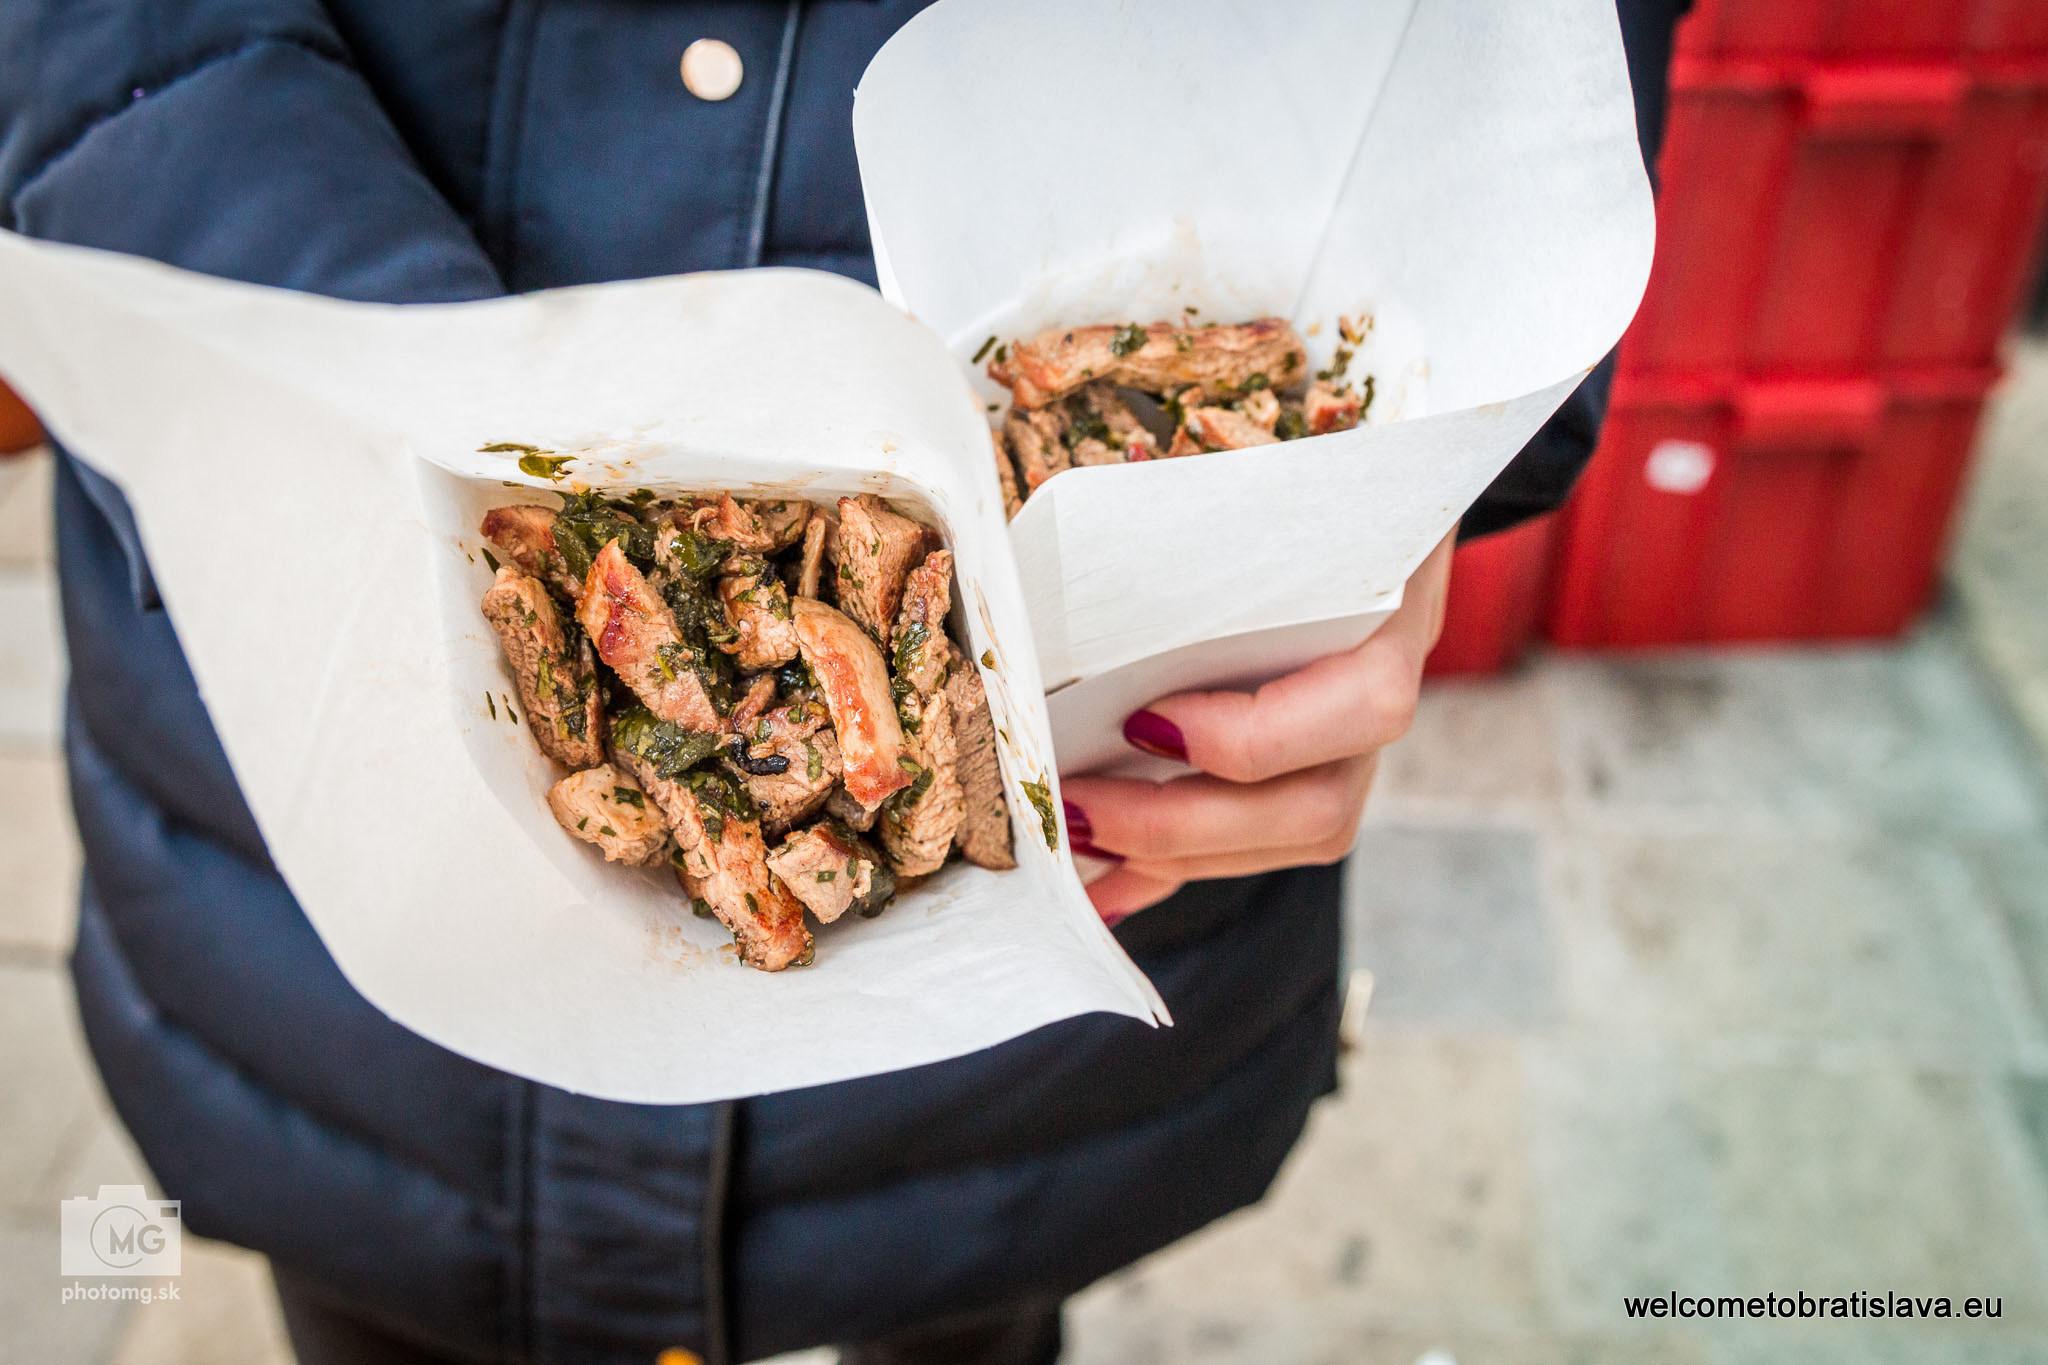 Orbis Street Food Meat in Cone